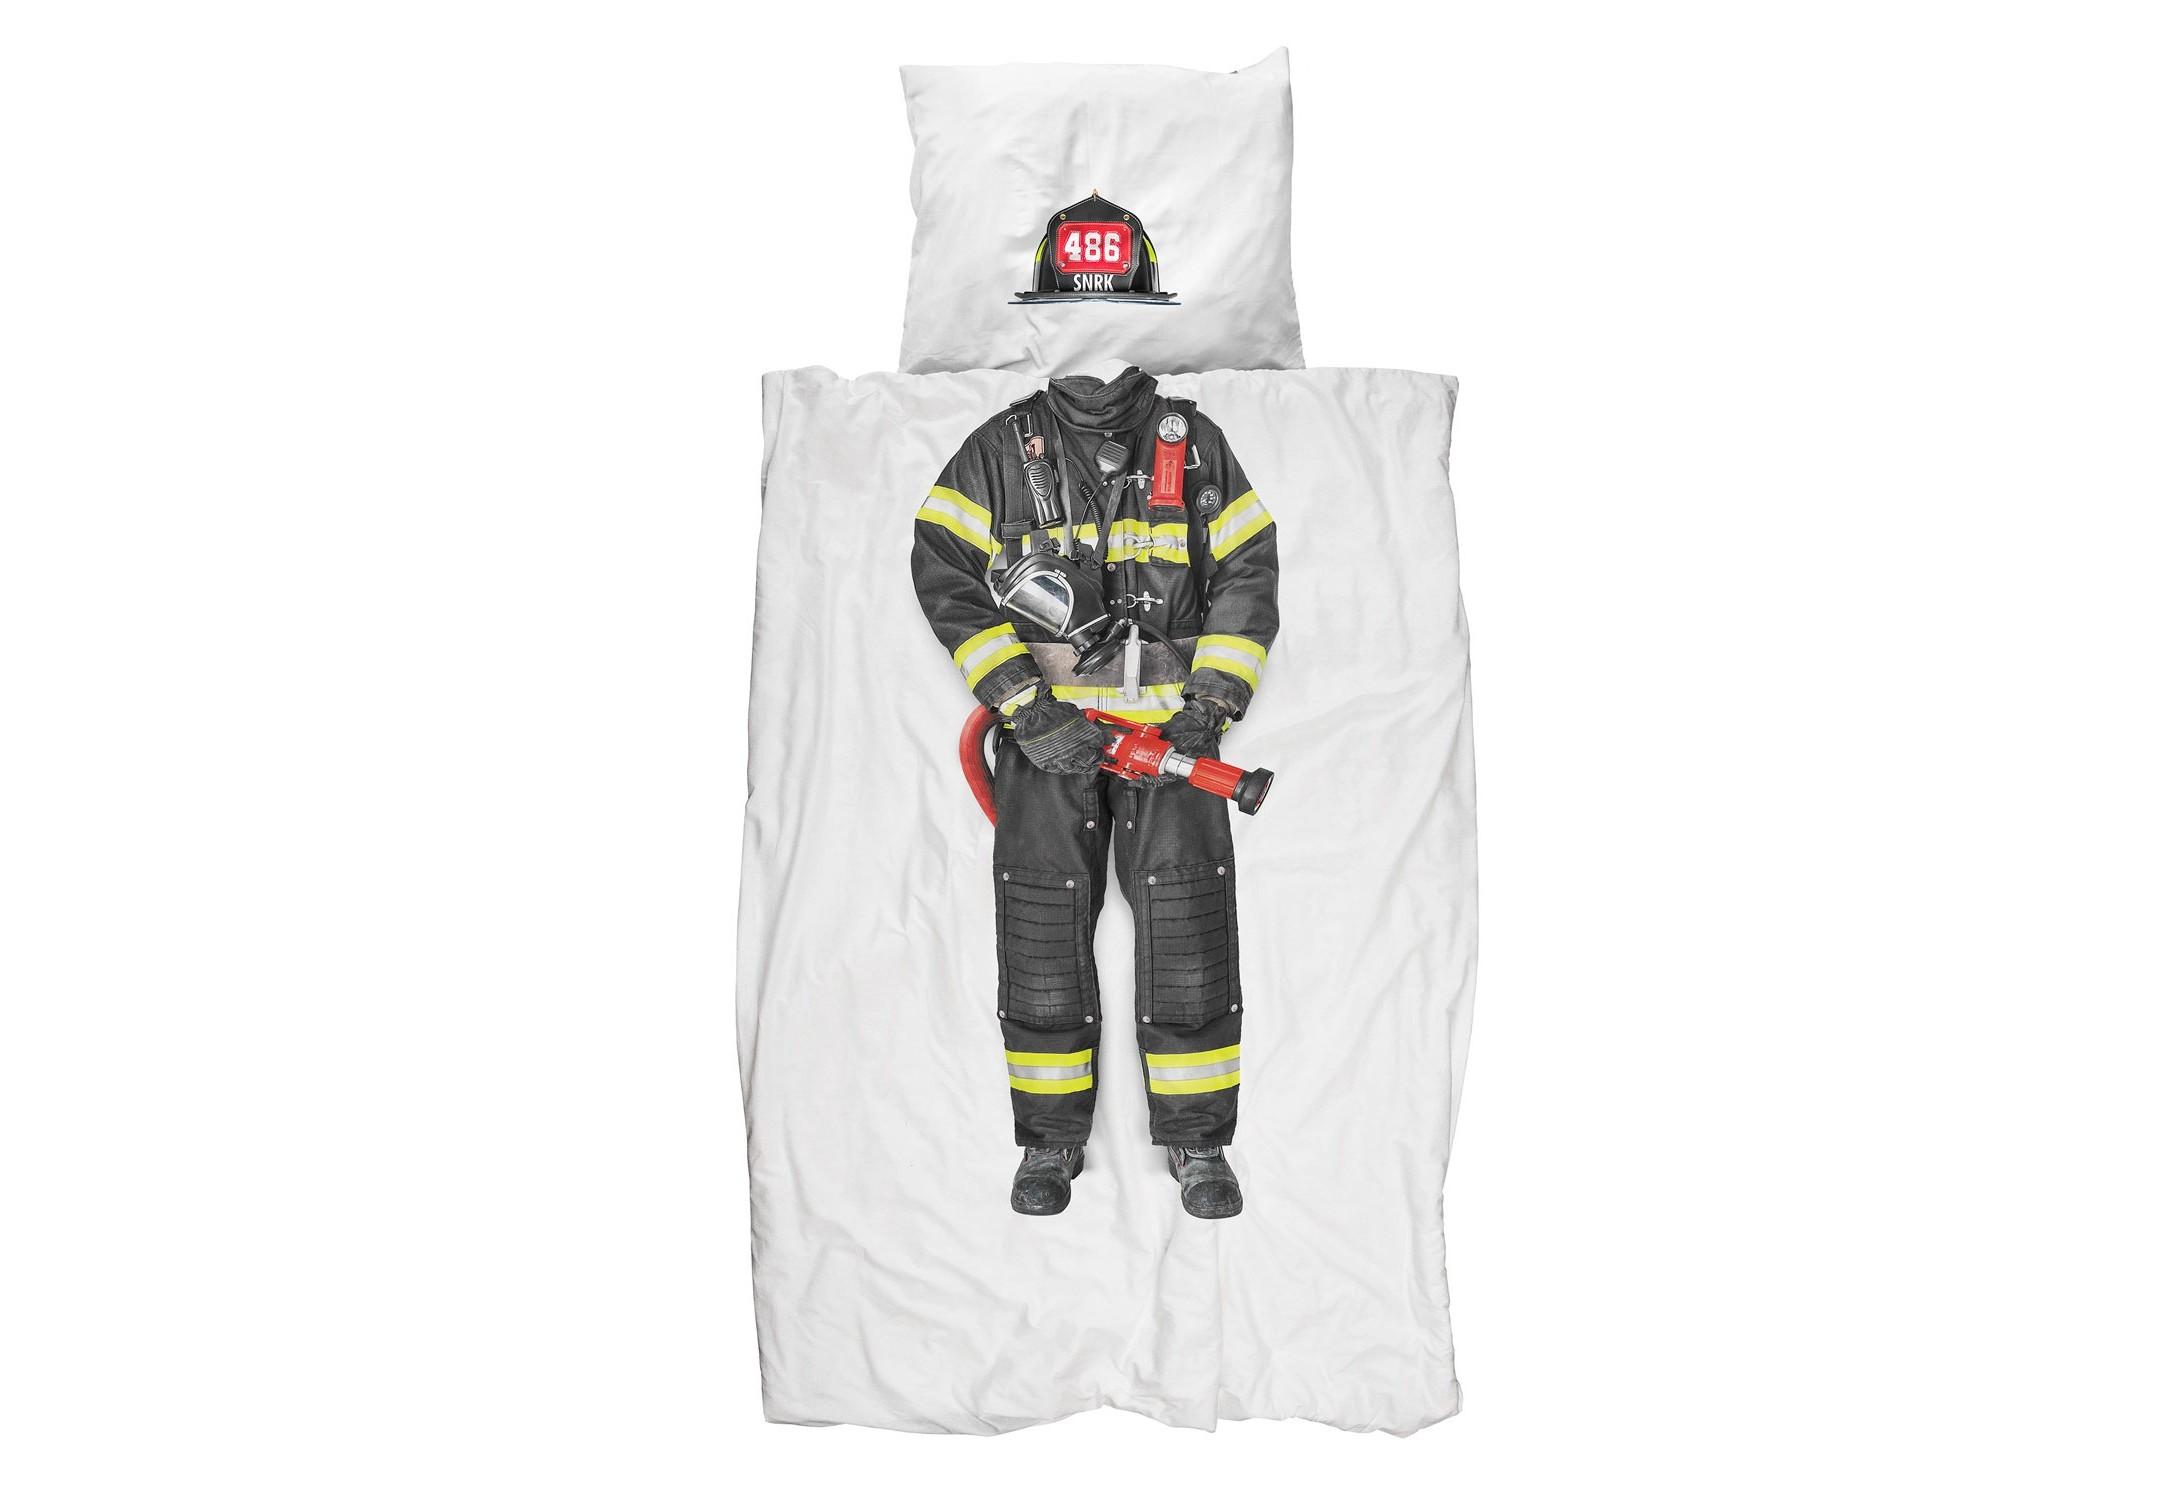 Комплект постельного белья ПожарныйПолутороспальные комлпекты постельного белья<br>Одна из самых важных и ответственных профессий- пожарный. Каждый мальчик в детстве мечтает о большой красной машине и костюме того самого пожарного из книжки. С таким постельным бельем можно просыпаться героем каждый день!&amp;amp;nbsp;&amp;lt;div&amp;gt;&amp;lt;br&amp;gt;&amp;lt;/div&amp;gt;&amp;lt;div&amp;gt;Материал: 100% хлопок ПЕРКАЛЬ (плотность ткани 214г/м2).&amp;amp;nbsp;&amp;lt;/div&amp;gt;&amp;lt;div&amp;gt;В комплект входит: пододеяльник 150х200 см - 1 шт, наволочка 50х70 см - 1 шт.&amp;lt;/div&amp;gt;<br><br>Material: Хлопок<br>Length см: 200<br>Width см: 150